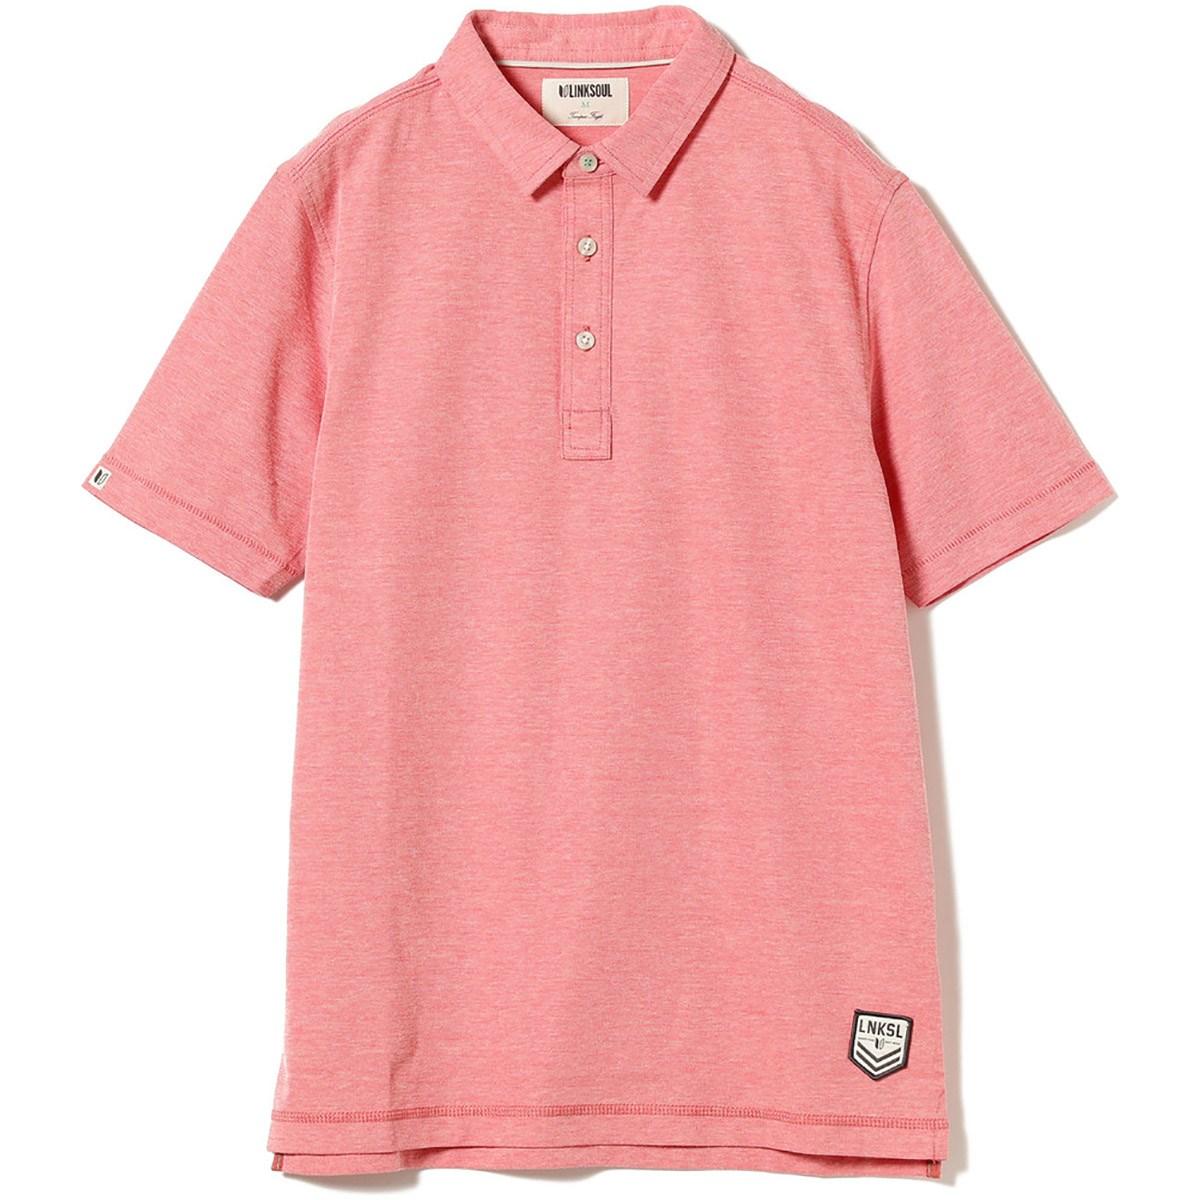 ビームスゴルフ LINKSOUL×BEAMS GOLF 別注 ニット ドライテック ポロシャツ